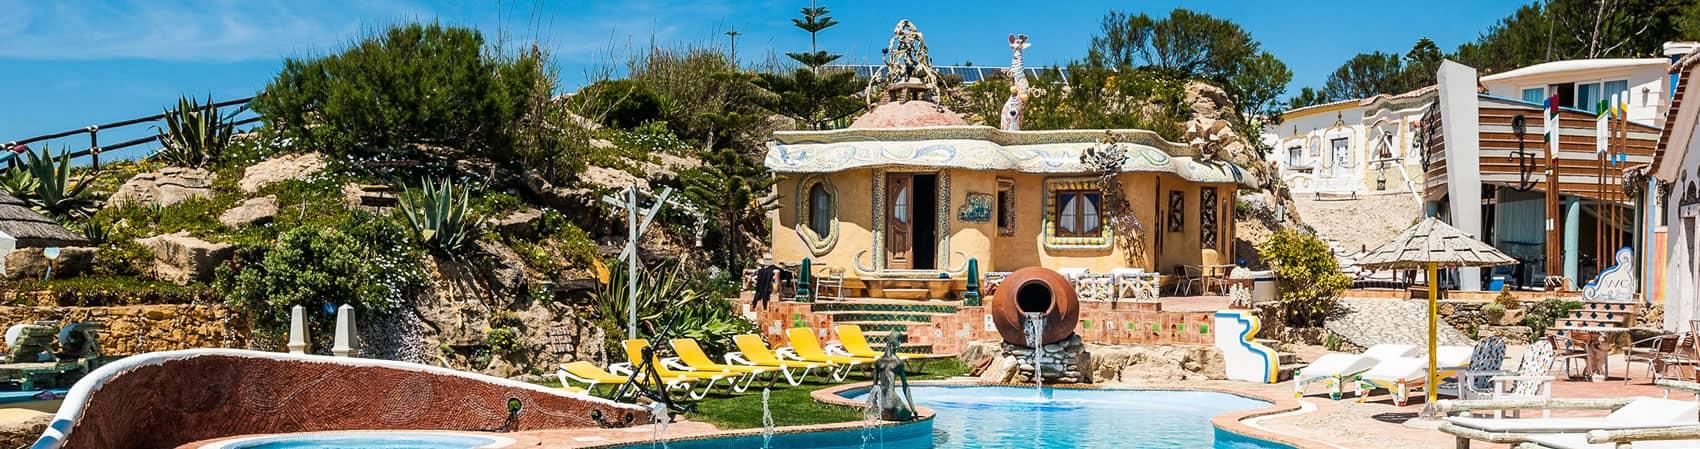 Surf Holidays in Villa Ana Margarida